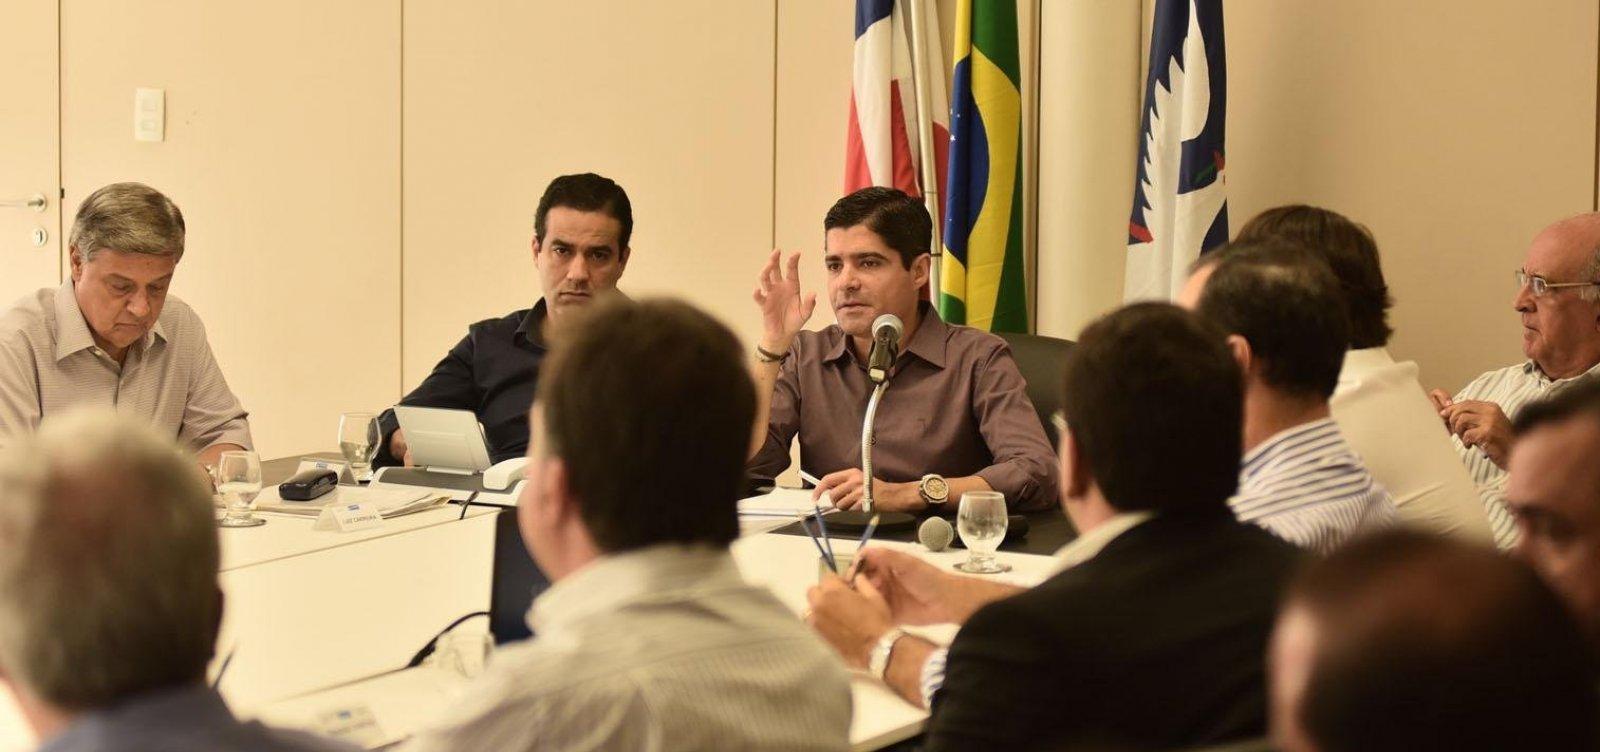 [Covid-19: Prefeitura de Salvador faz exame em mais de 100 colaboradores que têm contato com Neto]